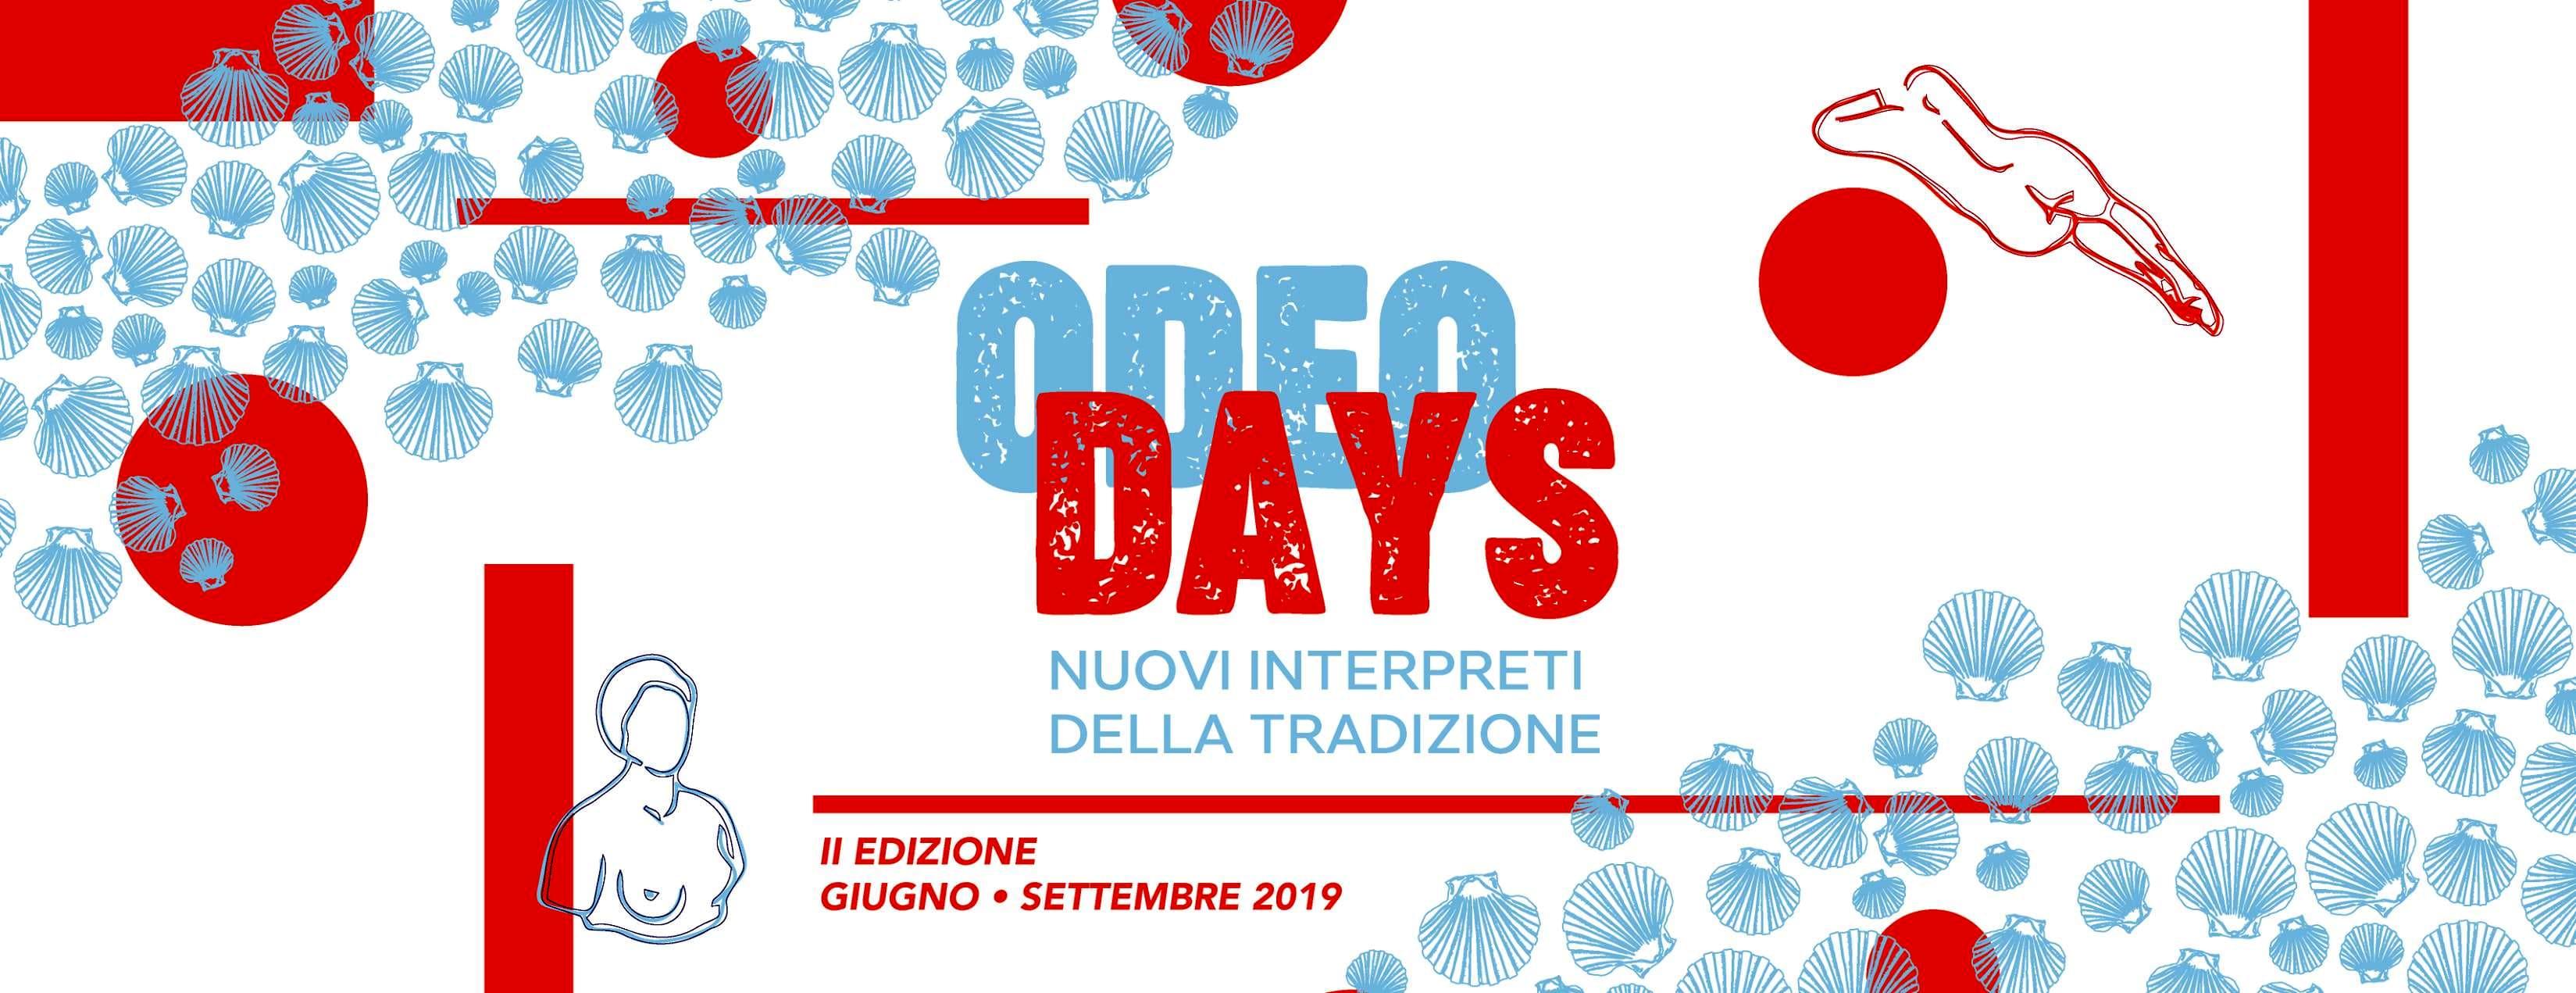 Odeo days 2019-2